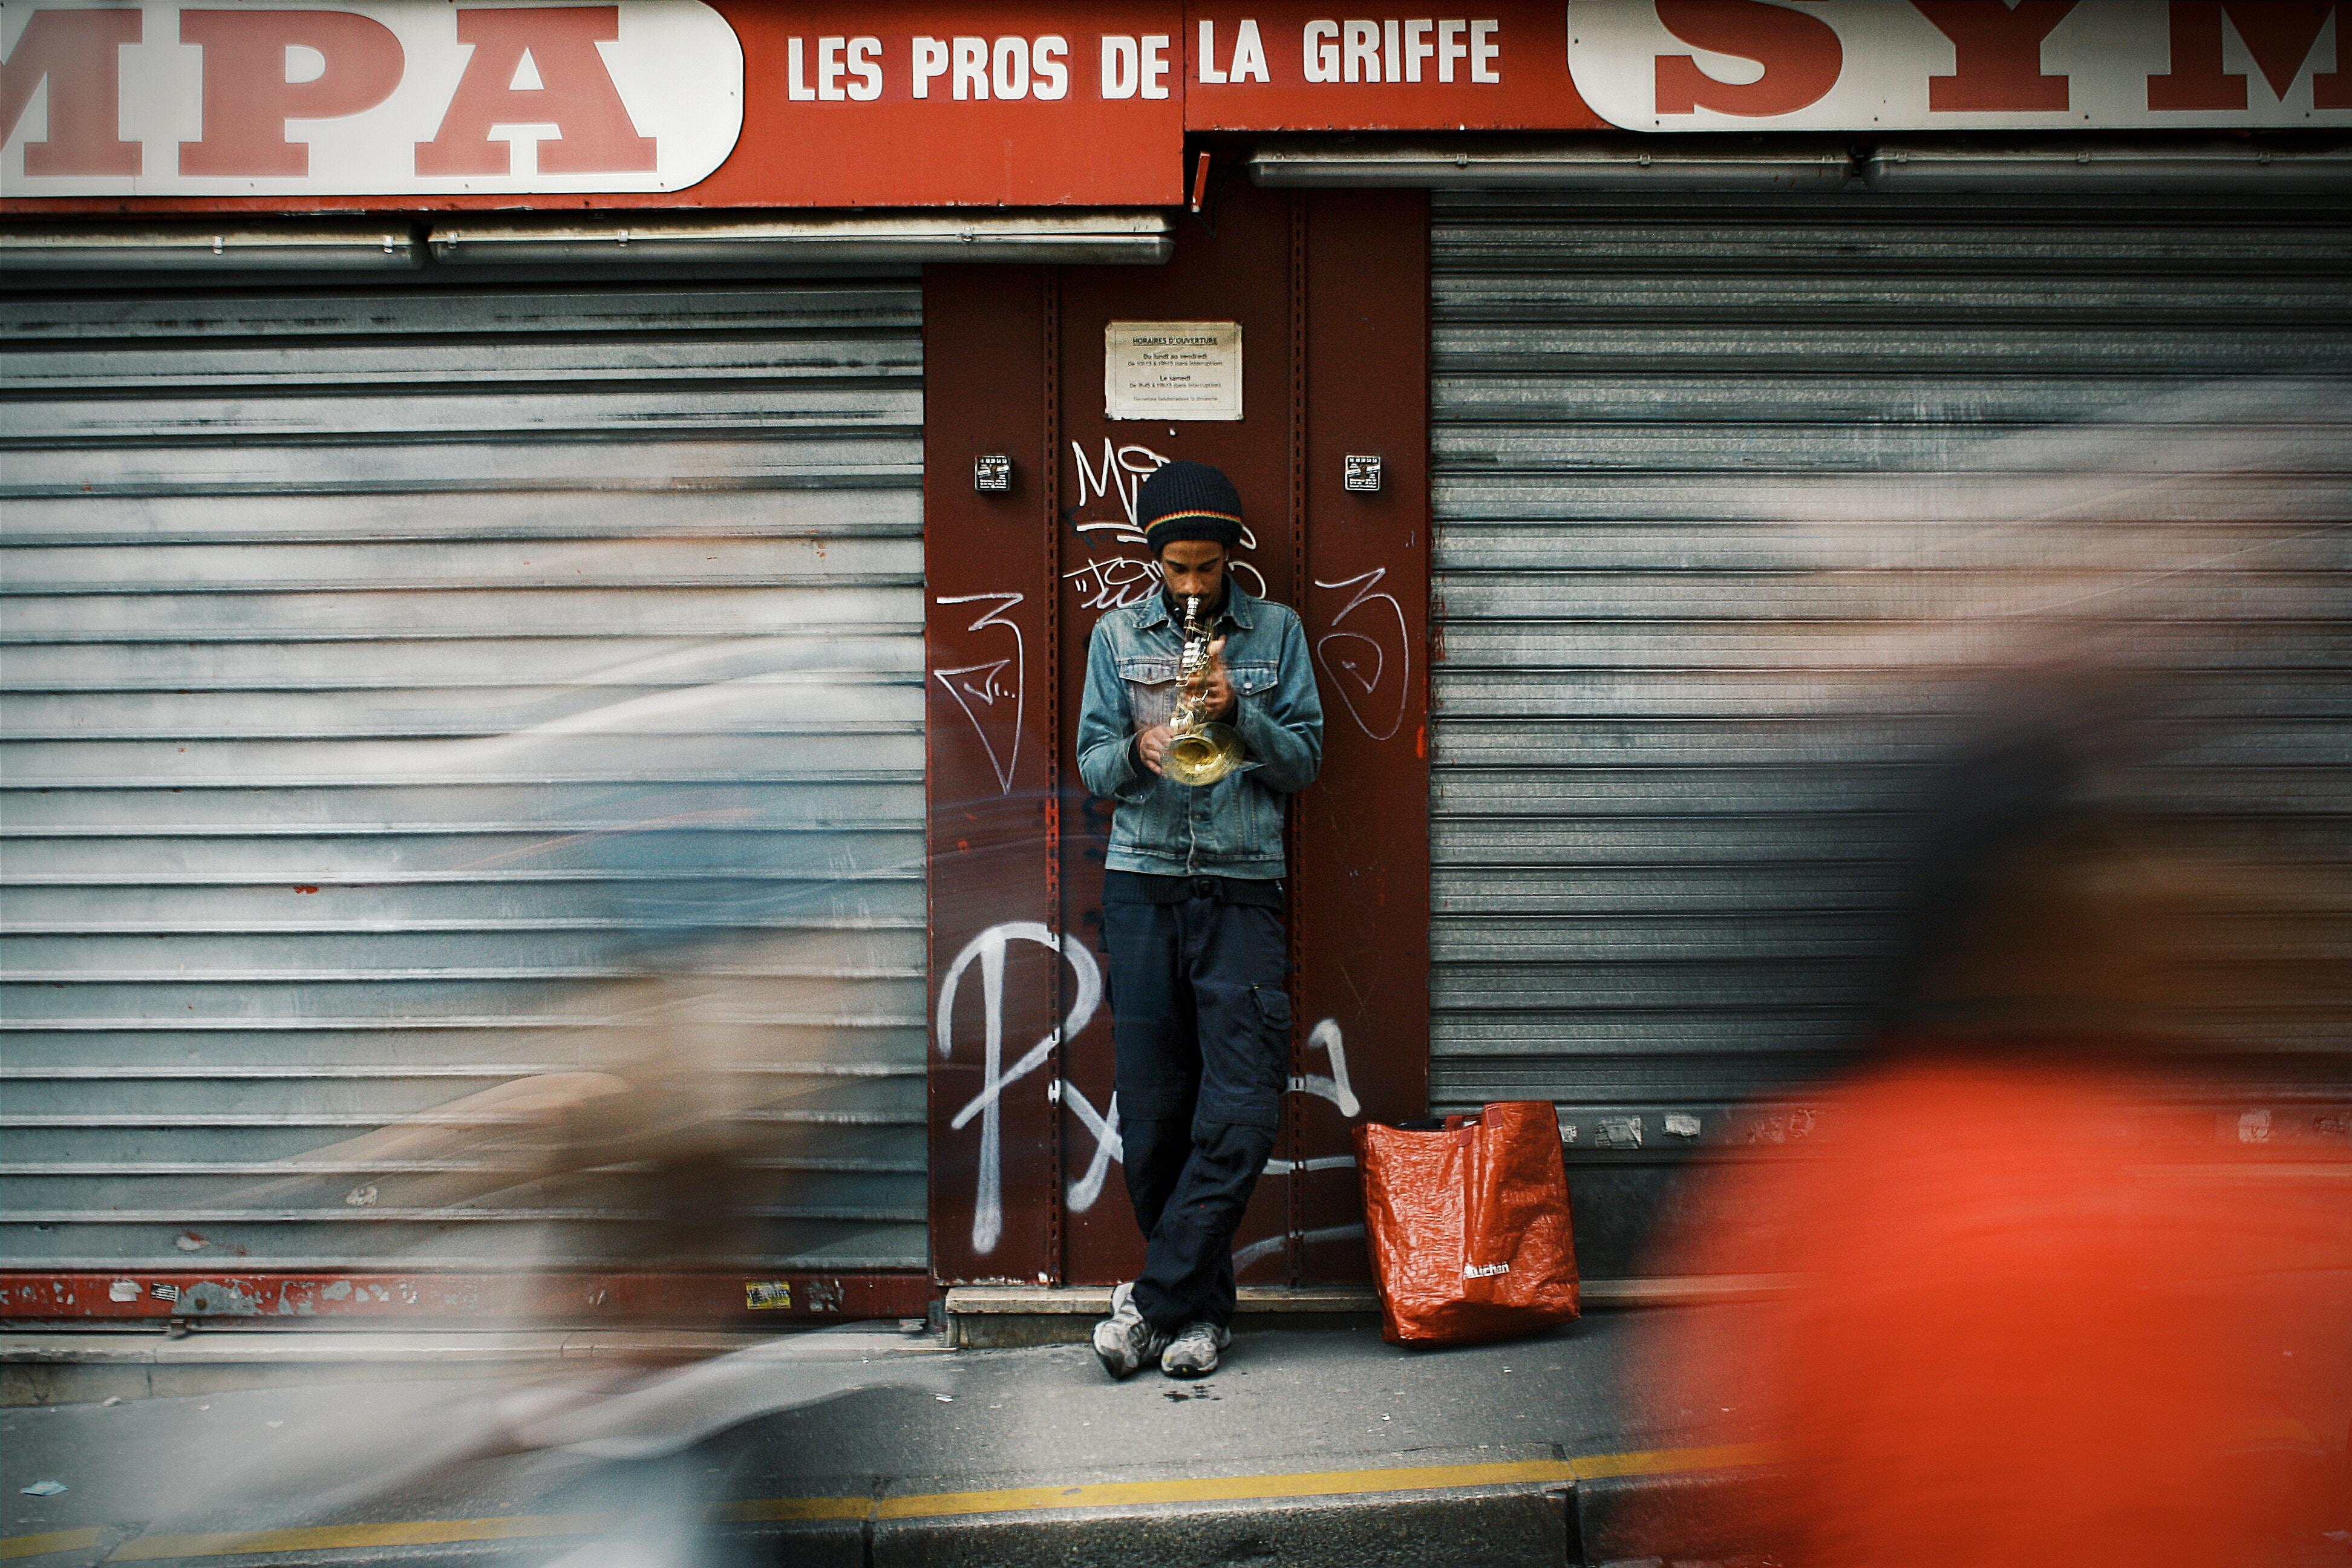 person wearing denim jacket standing near roller shutters